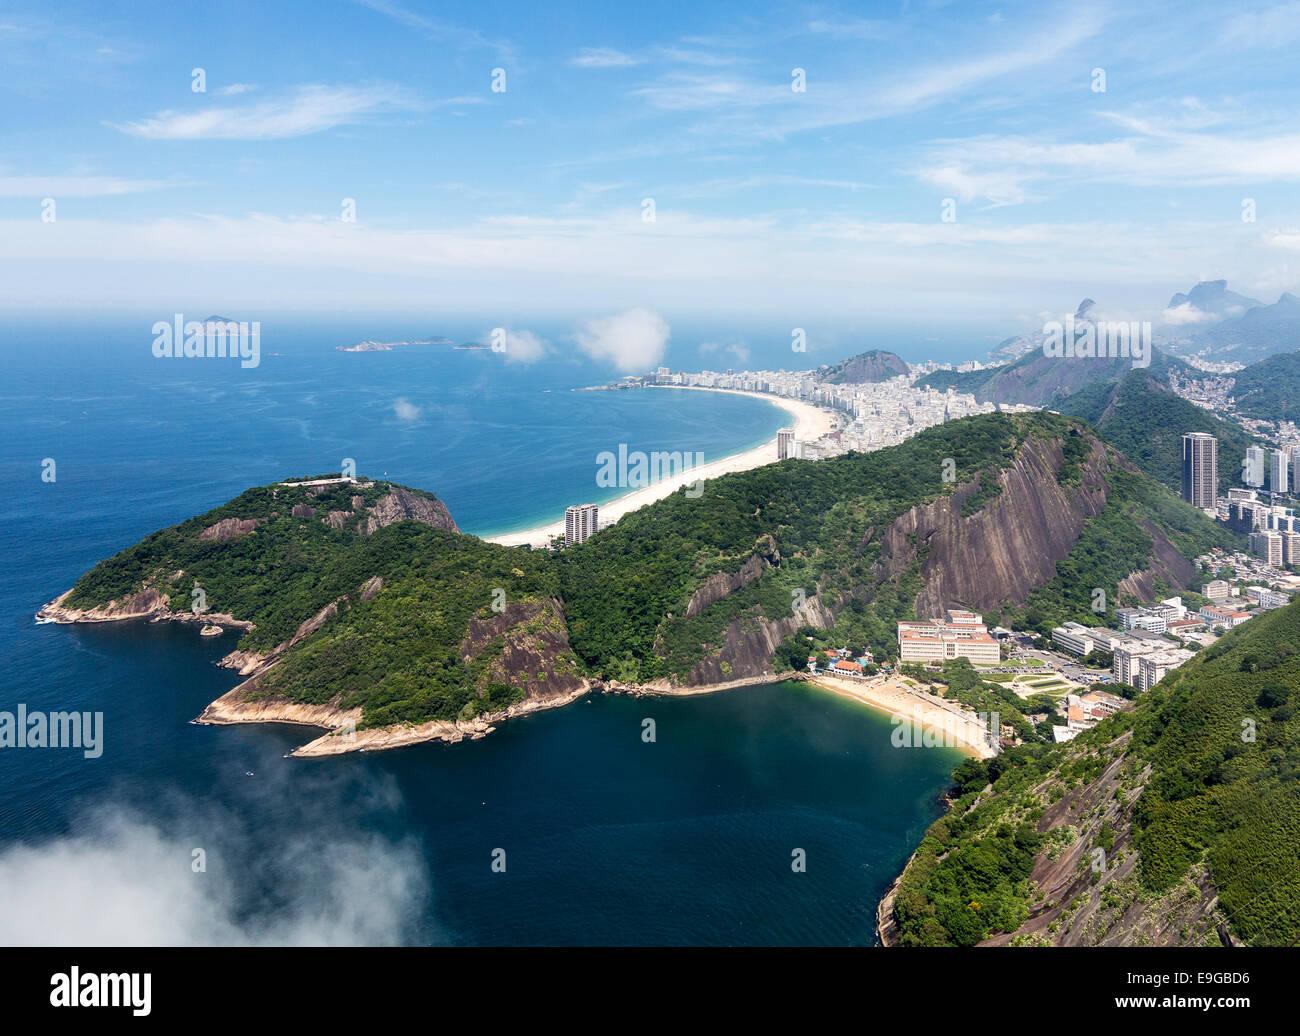 El puerto y la ciudad de Río de Janeiro, Brasil Imagen De Stock